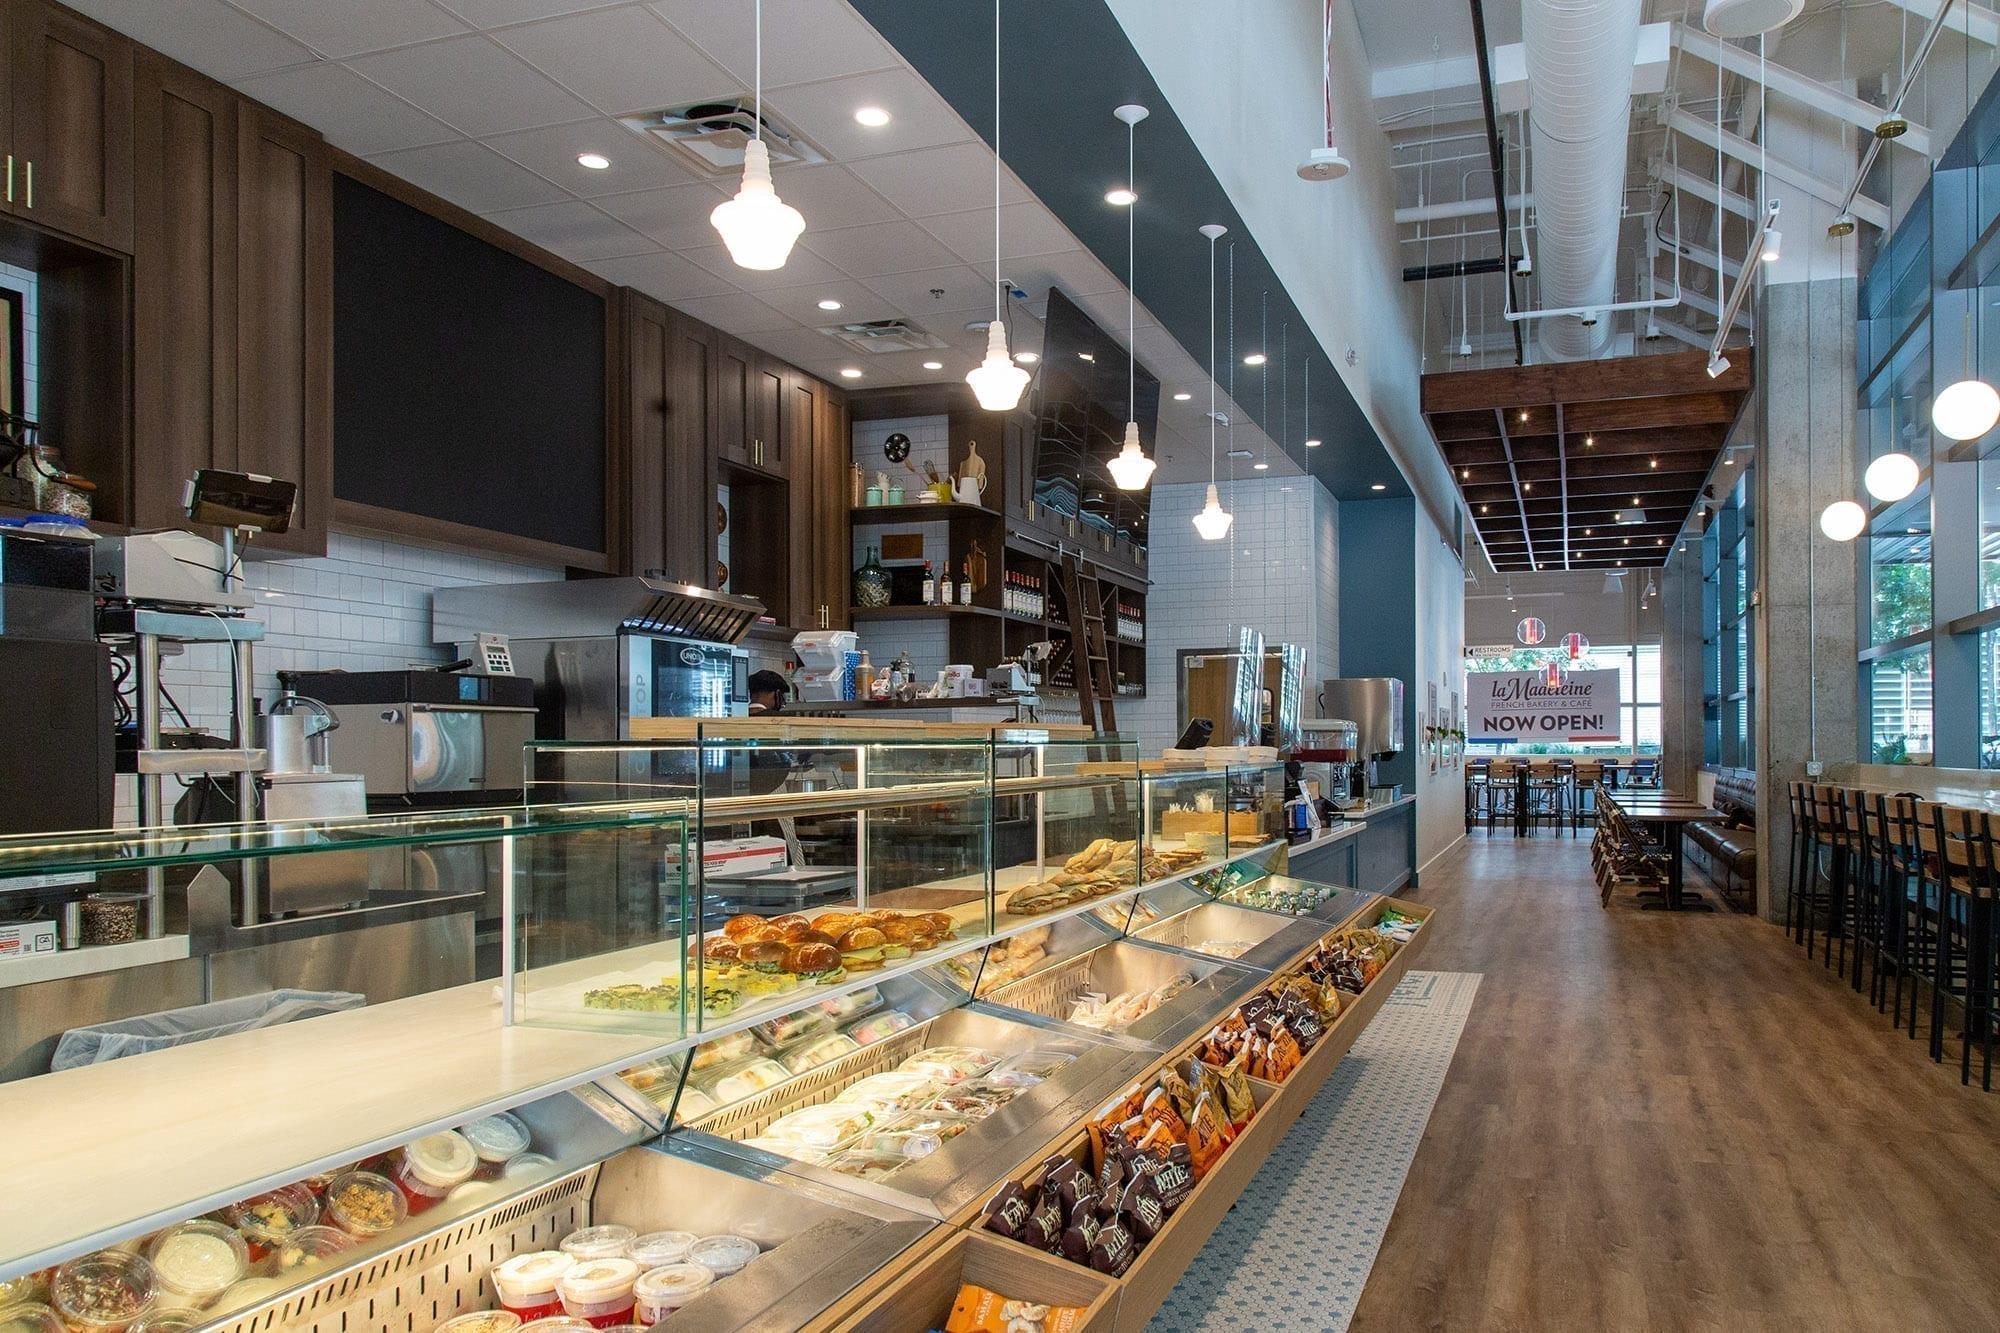 la madeleine - cafe bakery - Etats-Unis